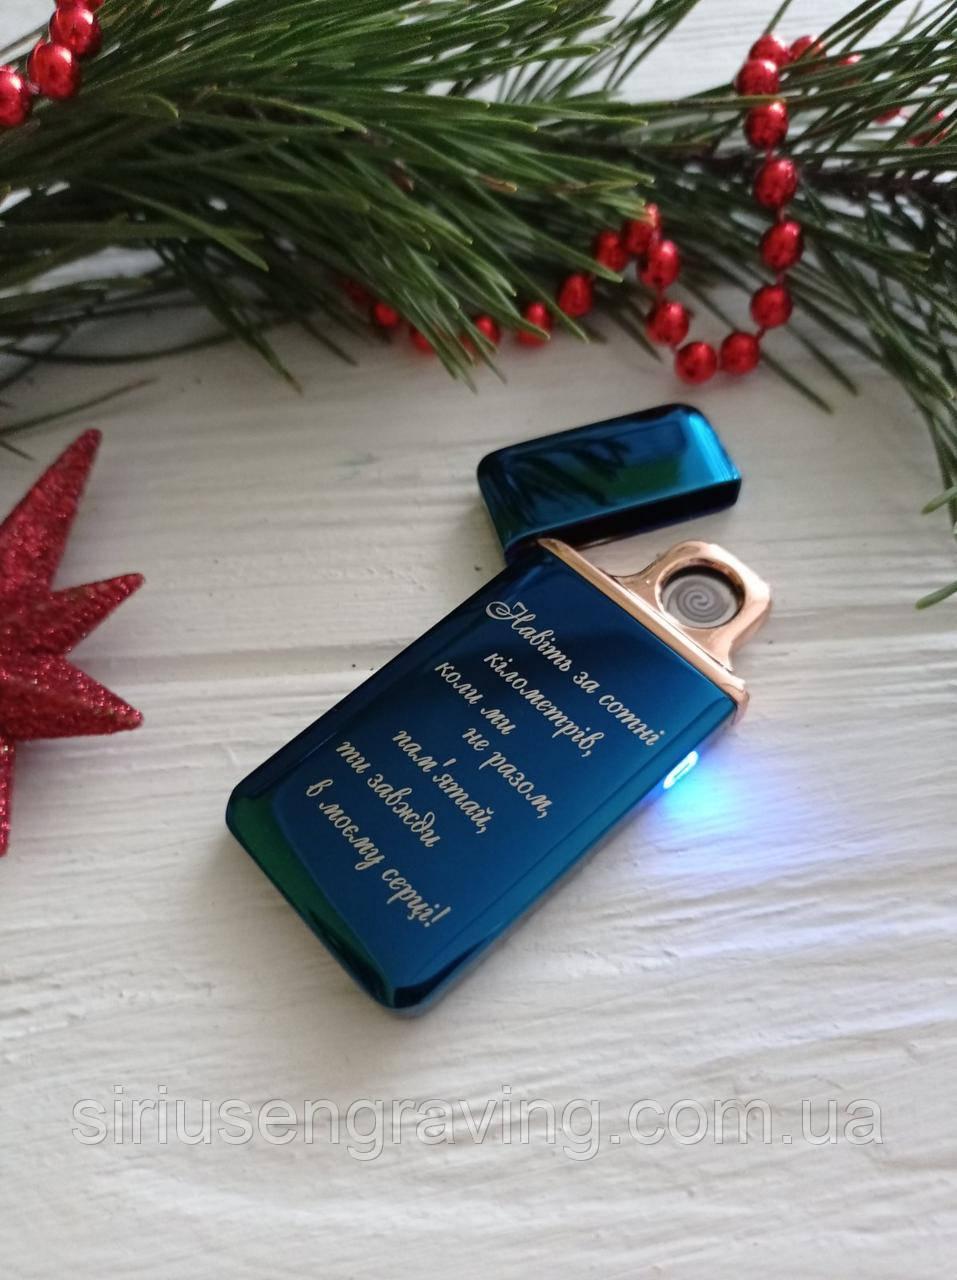 Зажигилка USB.Сенсорная зажигалка в подарочной упаковке.